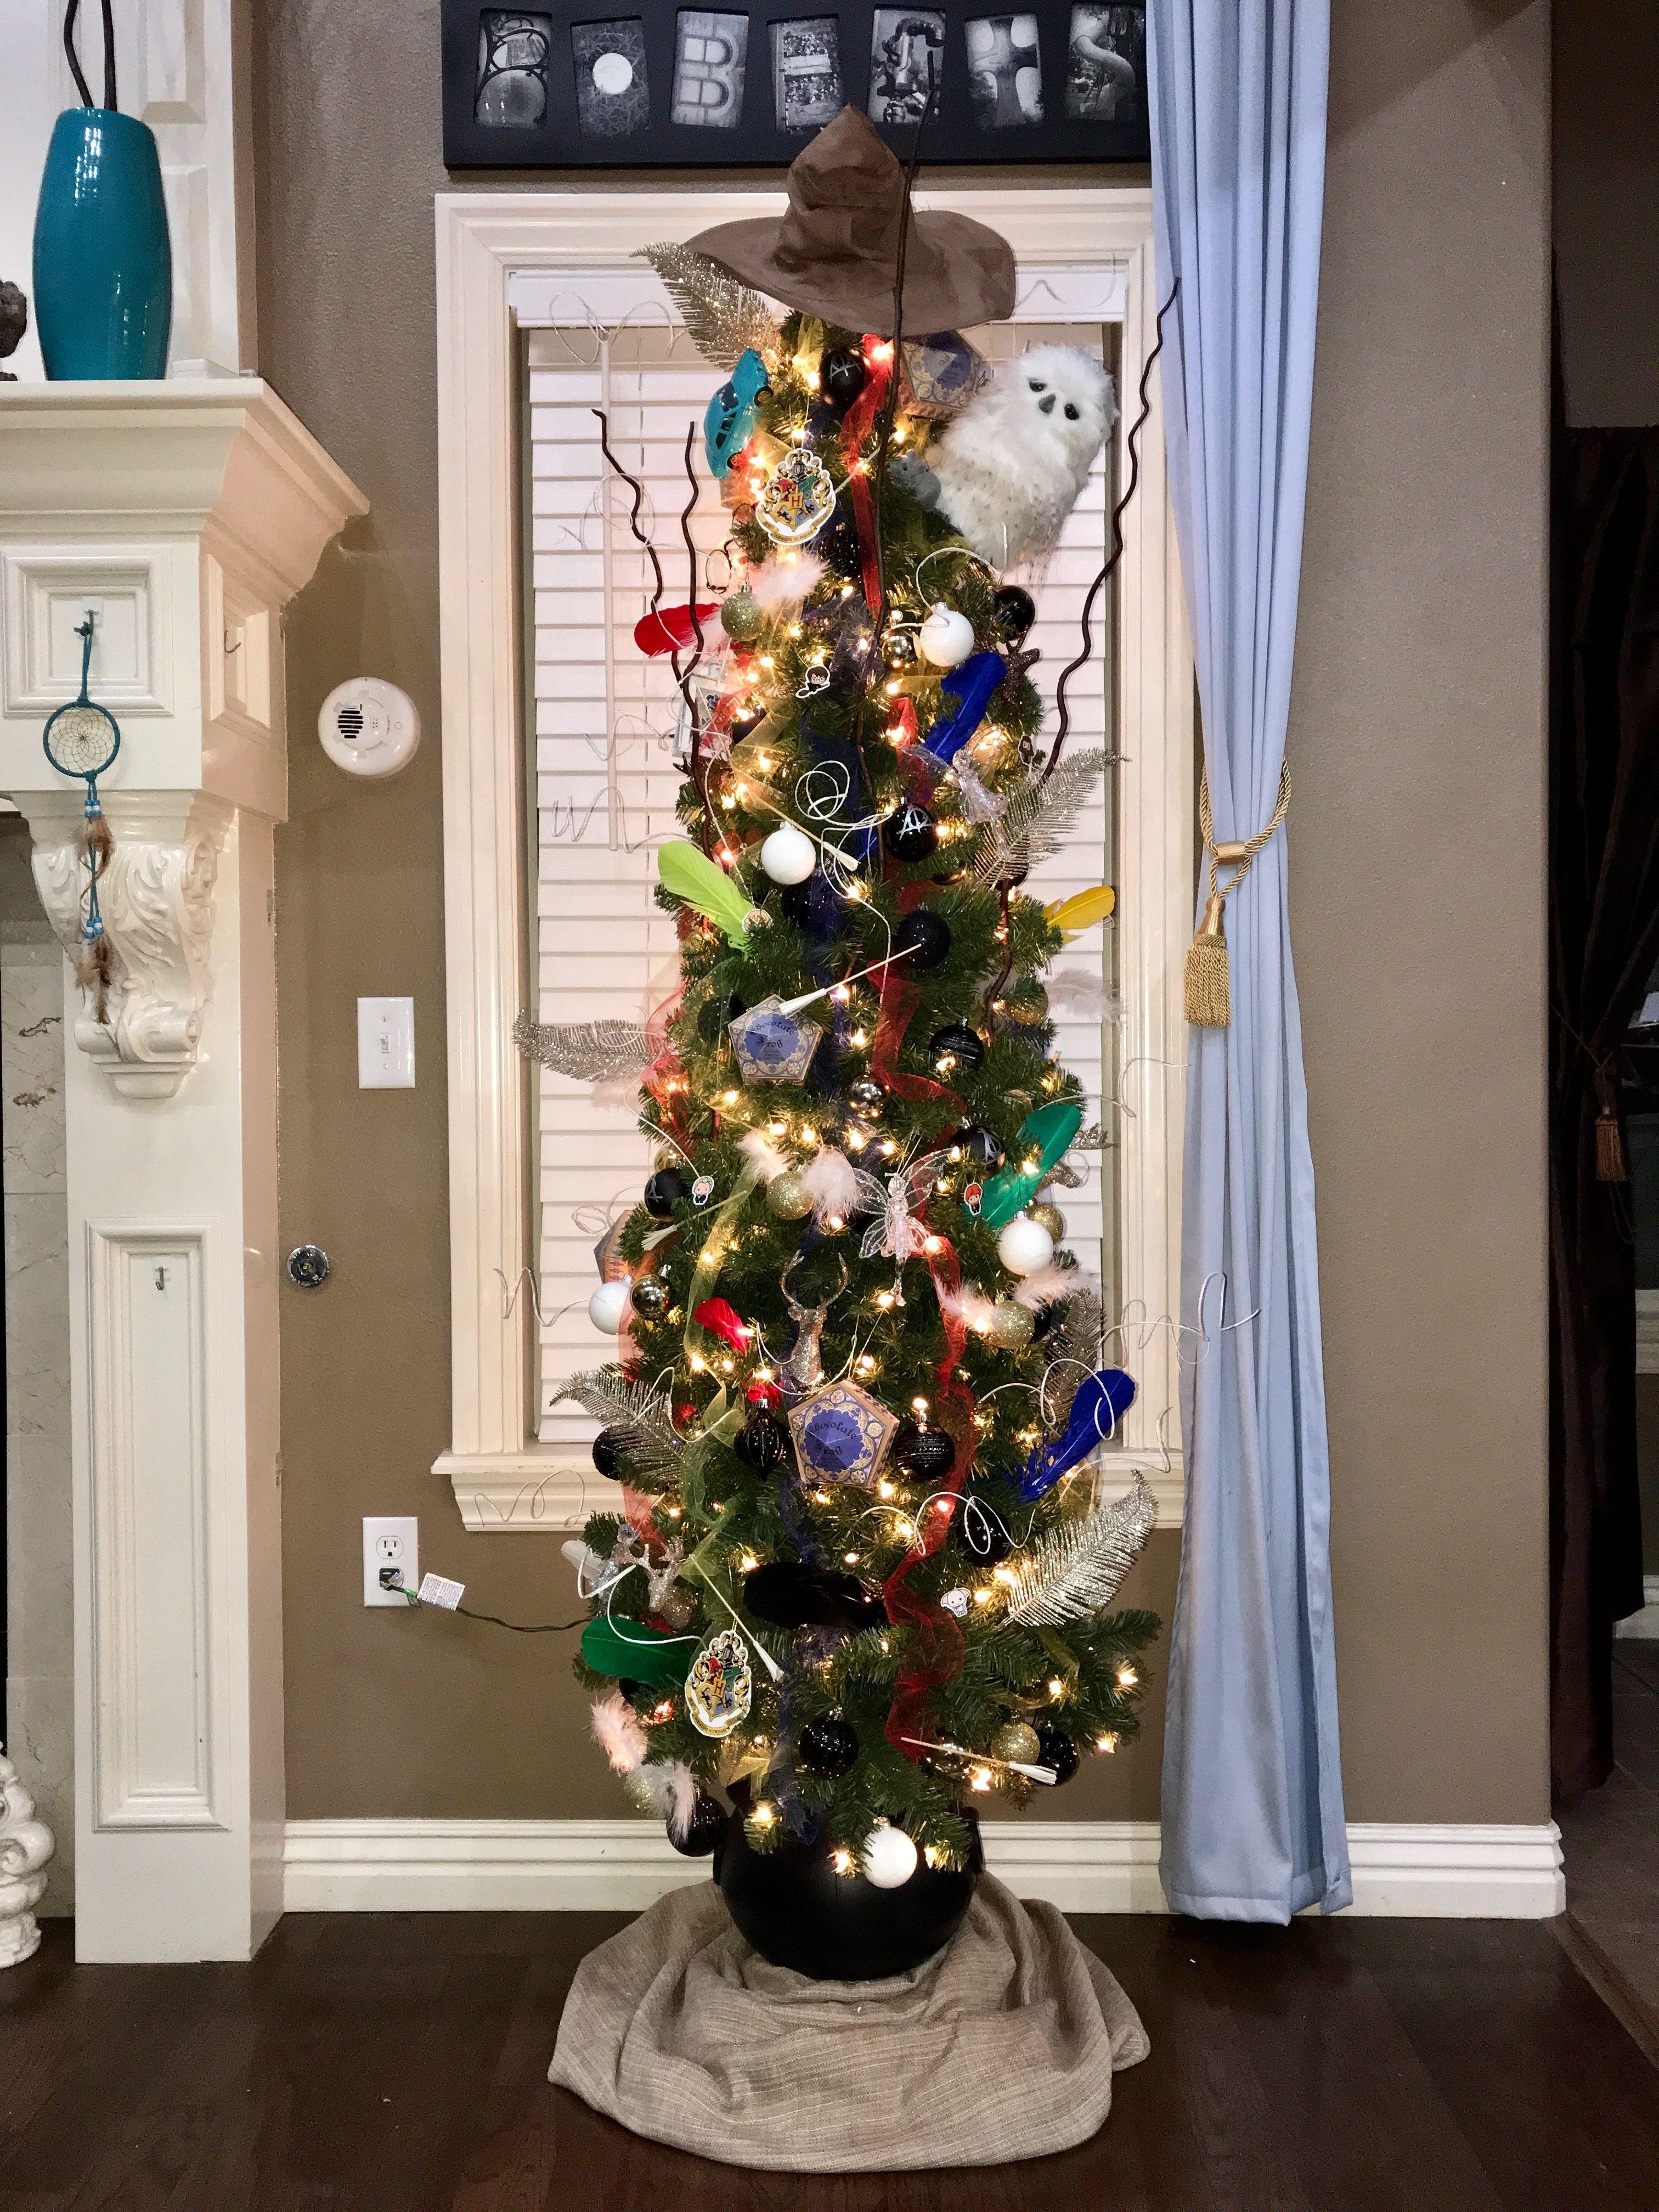 Harry Potter Tree Harry Potter Christmas Tree Harry Potter Christmas Harry Potter Ornaments